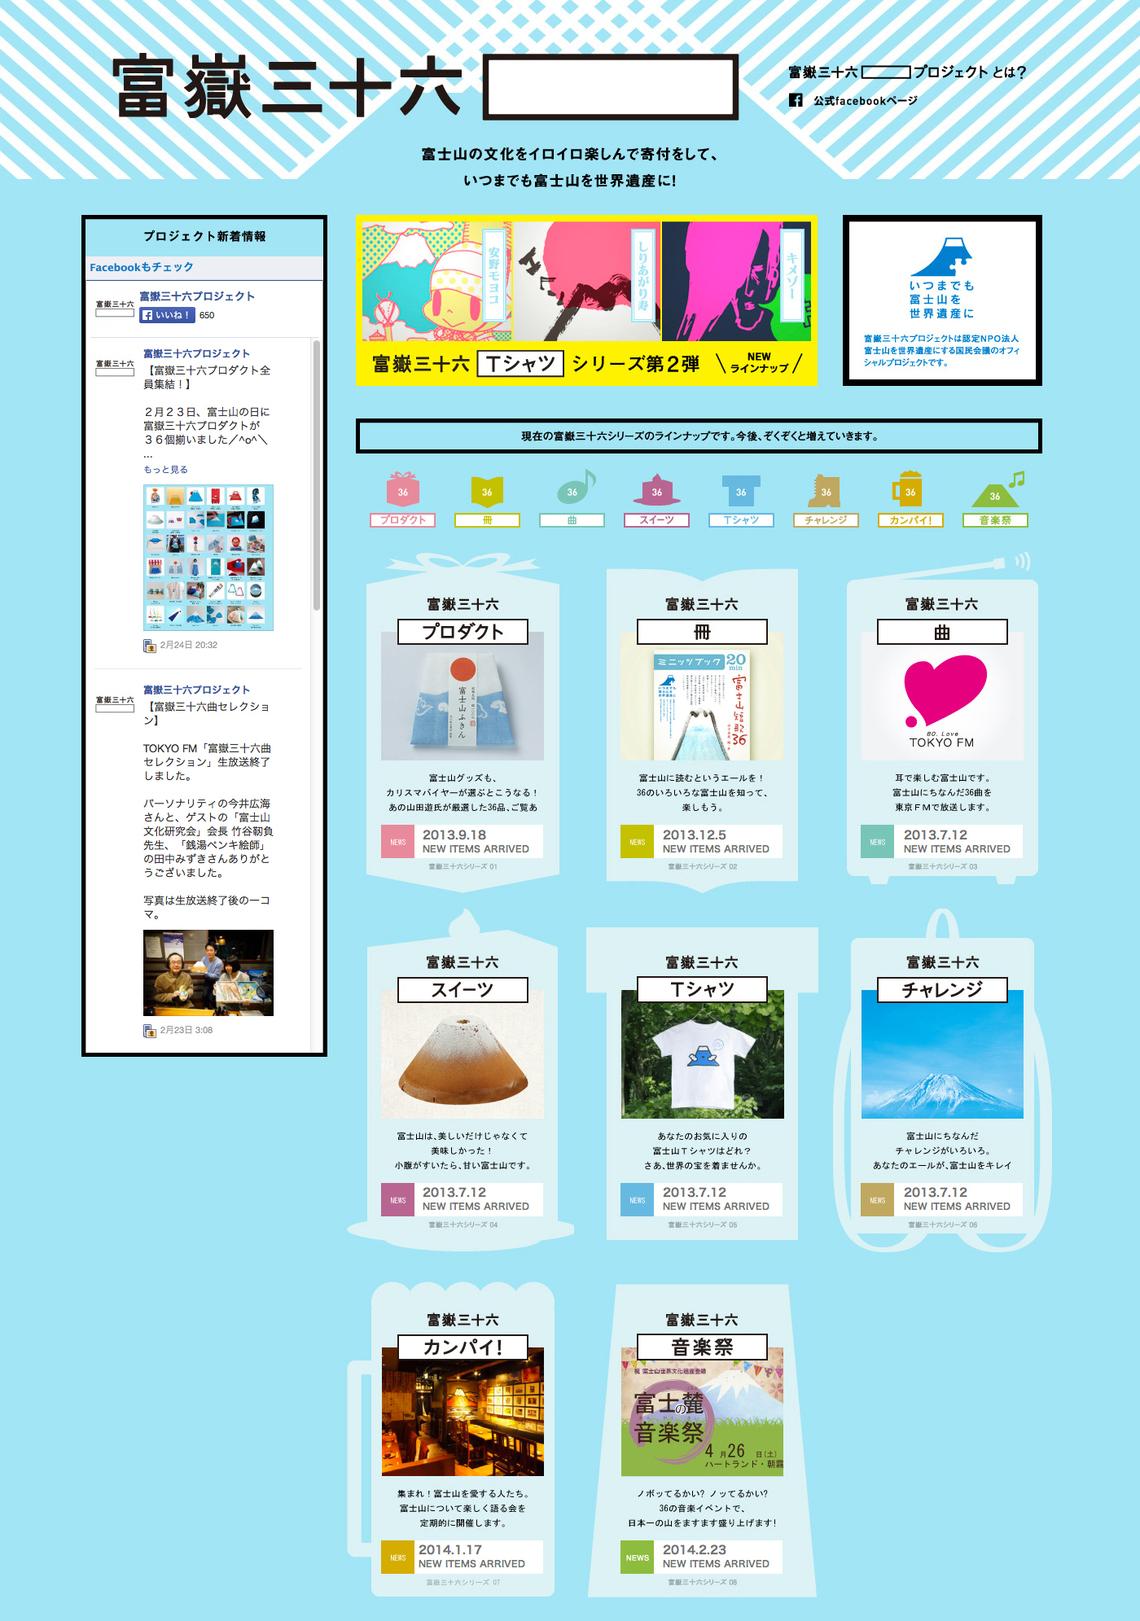 「富嶽三十六プロジェクト」のウェブサイト